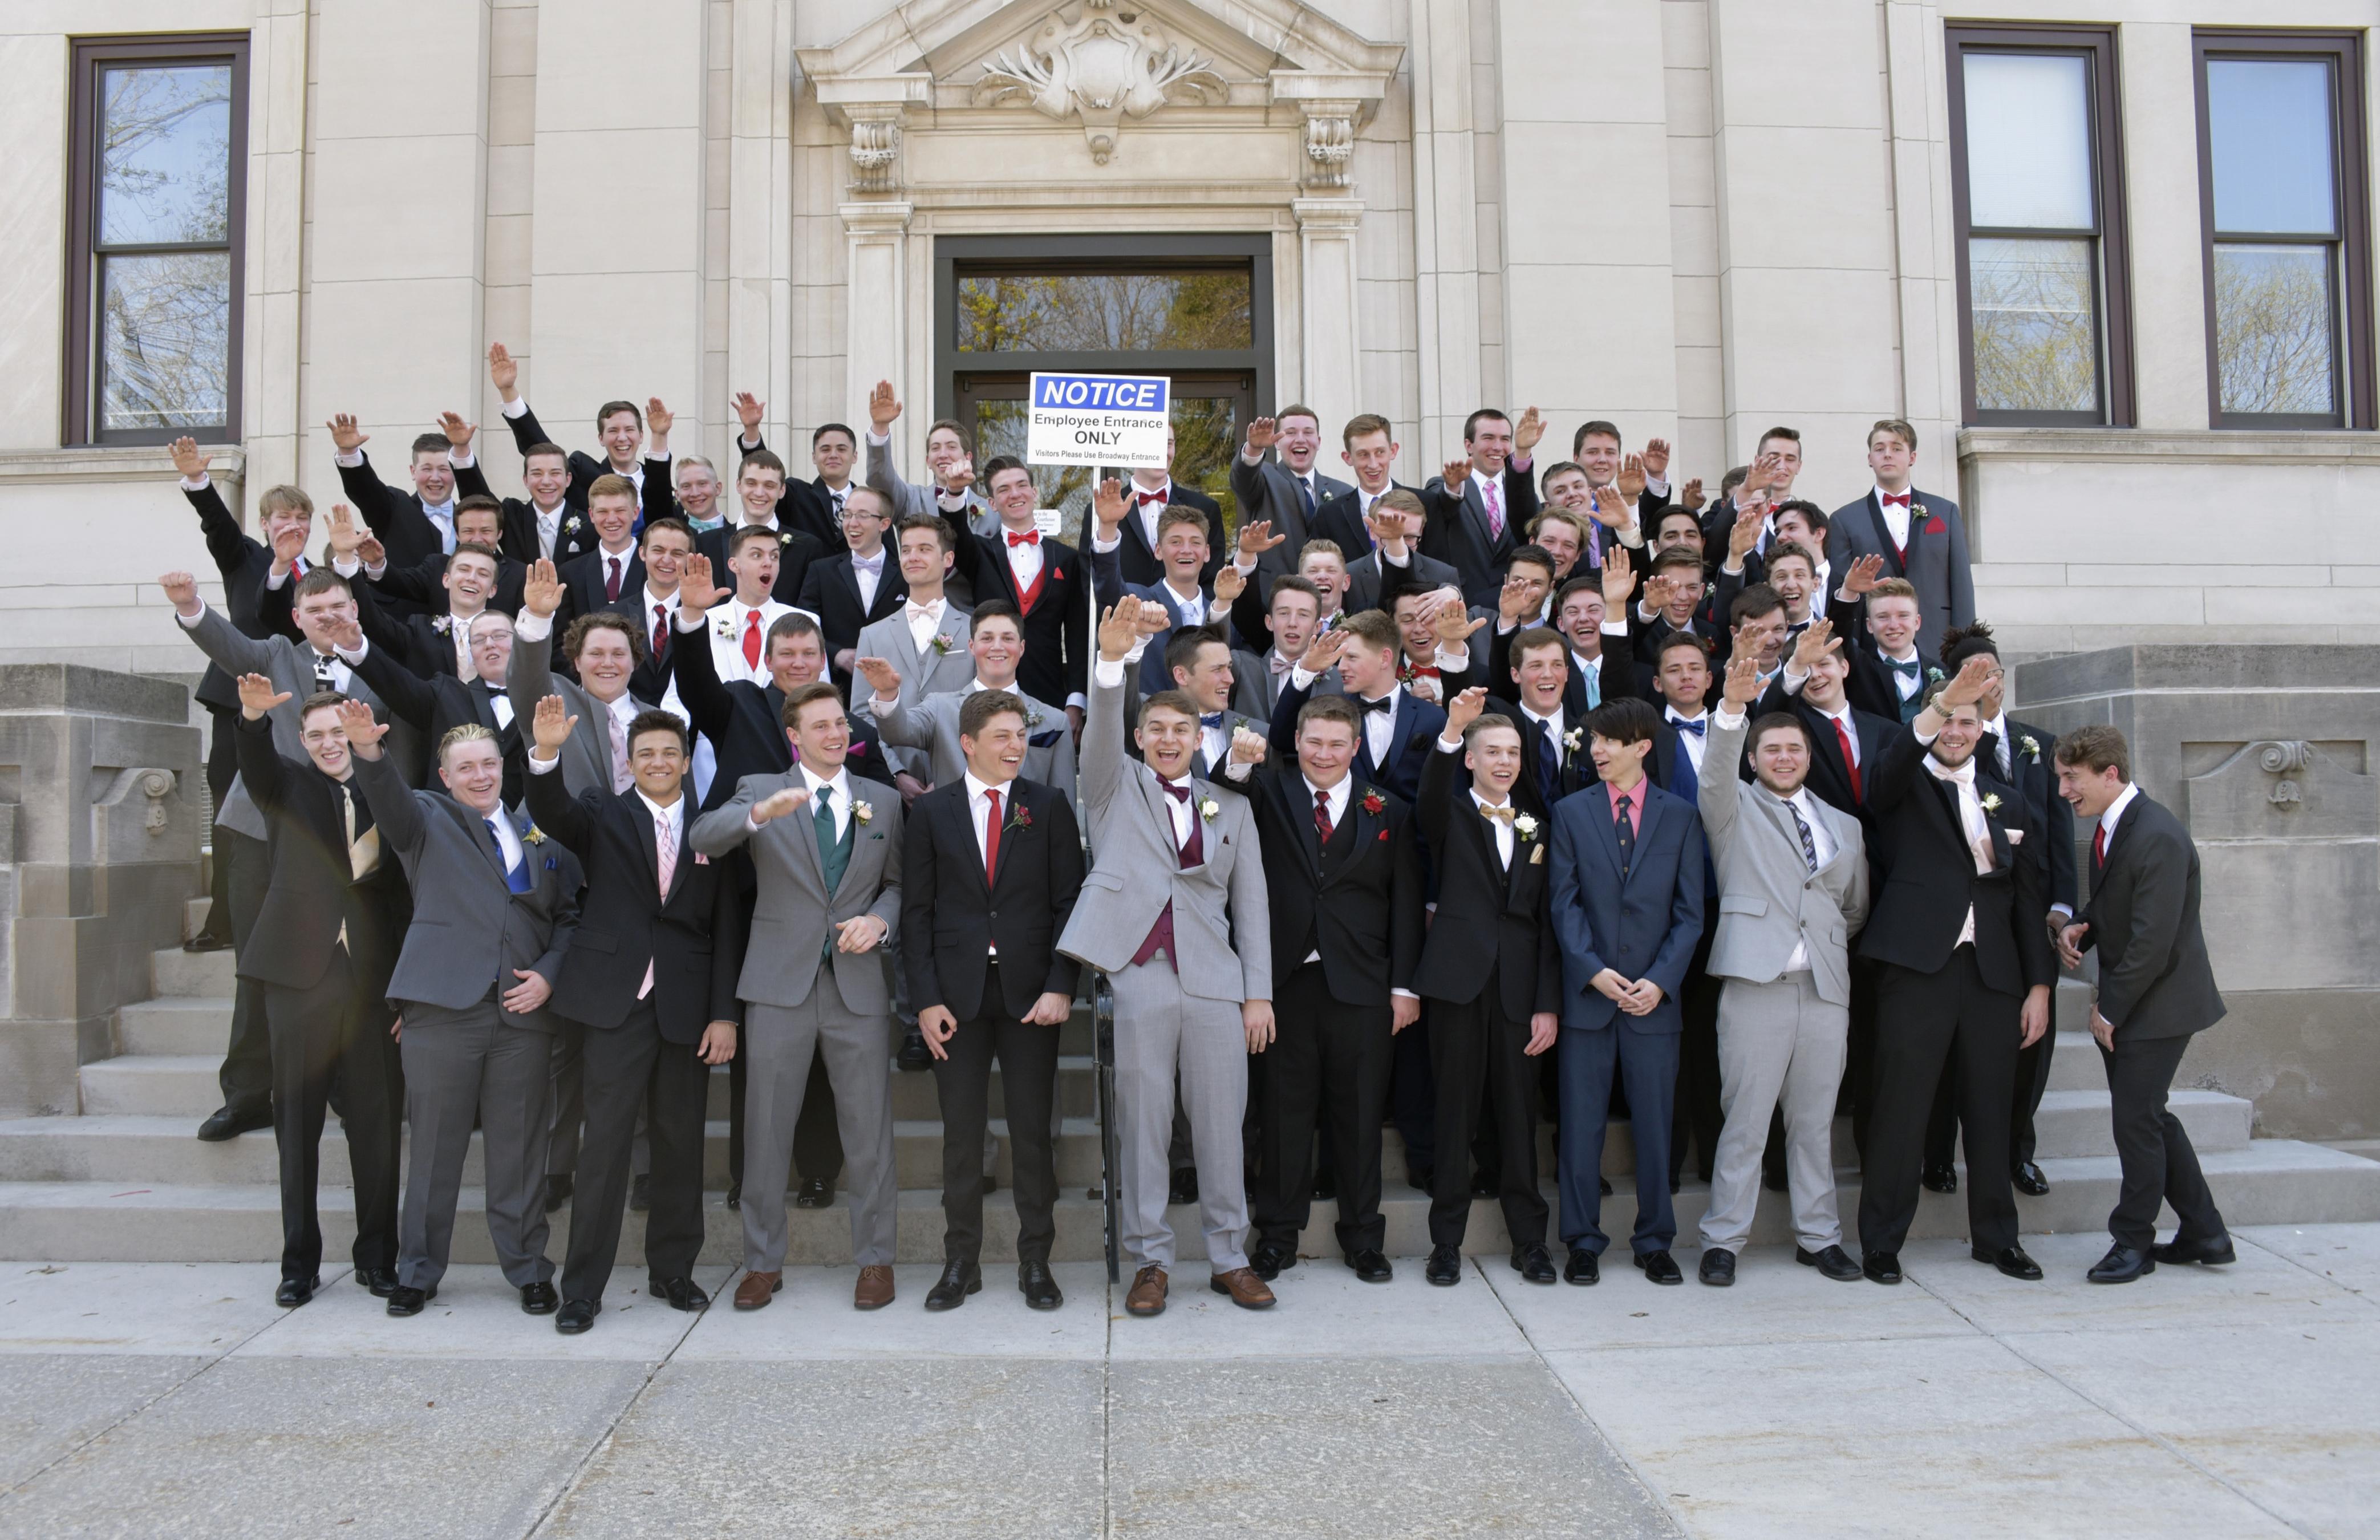 Fotografía de mayo de 2018 proporcionada por Peter Gust de un grupo de estudiantes universitarios en los escaños de un tribunal del condado Sauk en Baraboo, Wisconsin. (Peter Gust vía AP)